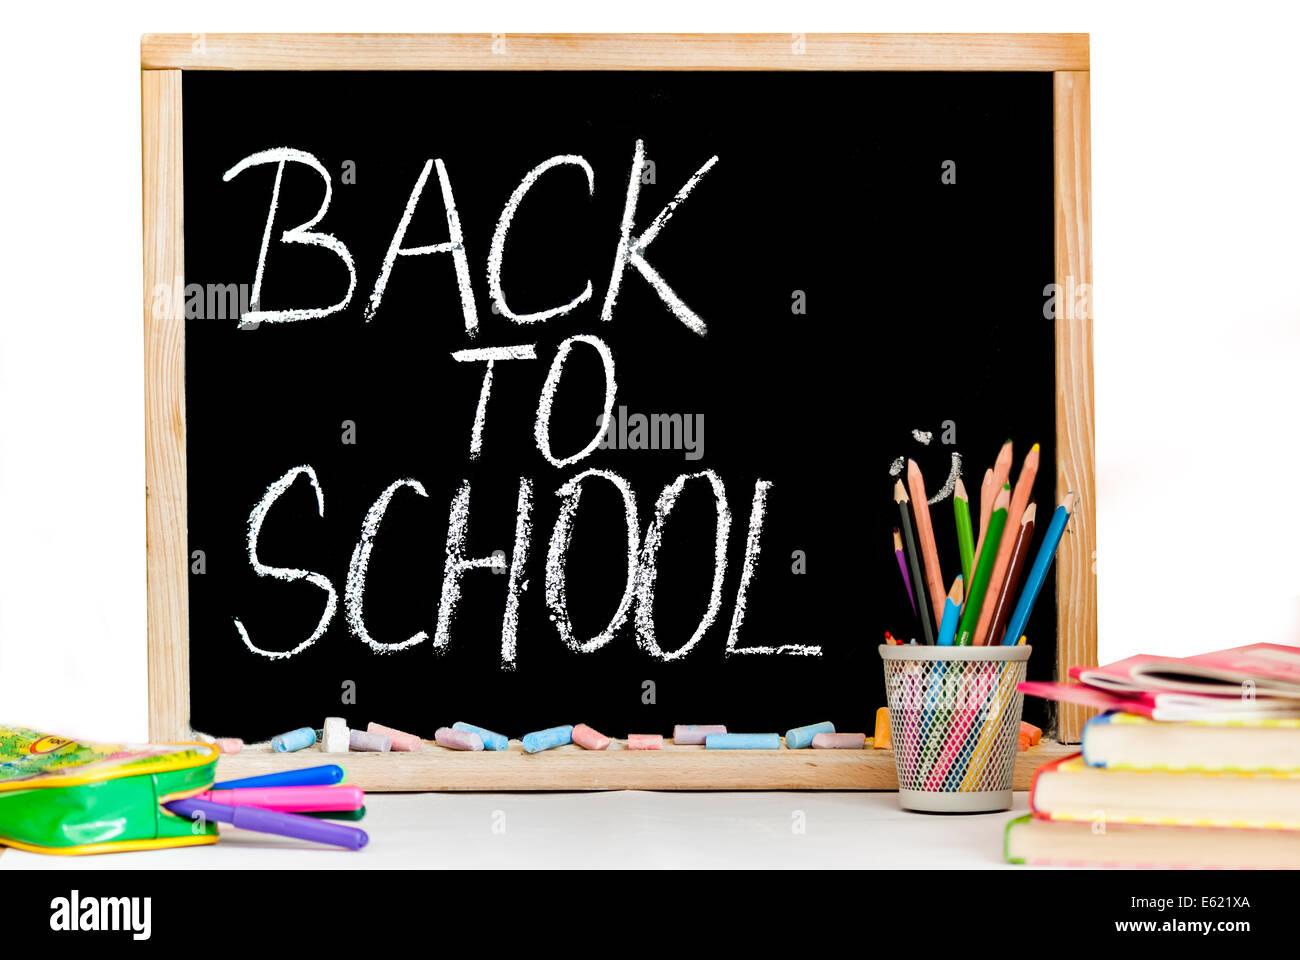 zur ck zur schule auf der schwarzen tafel und kreide farbe stockfoto bild 72574834 alamy. Black Bedroom Furniture Sets. Home Design Ideas